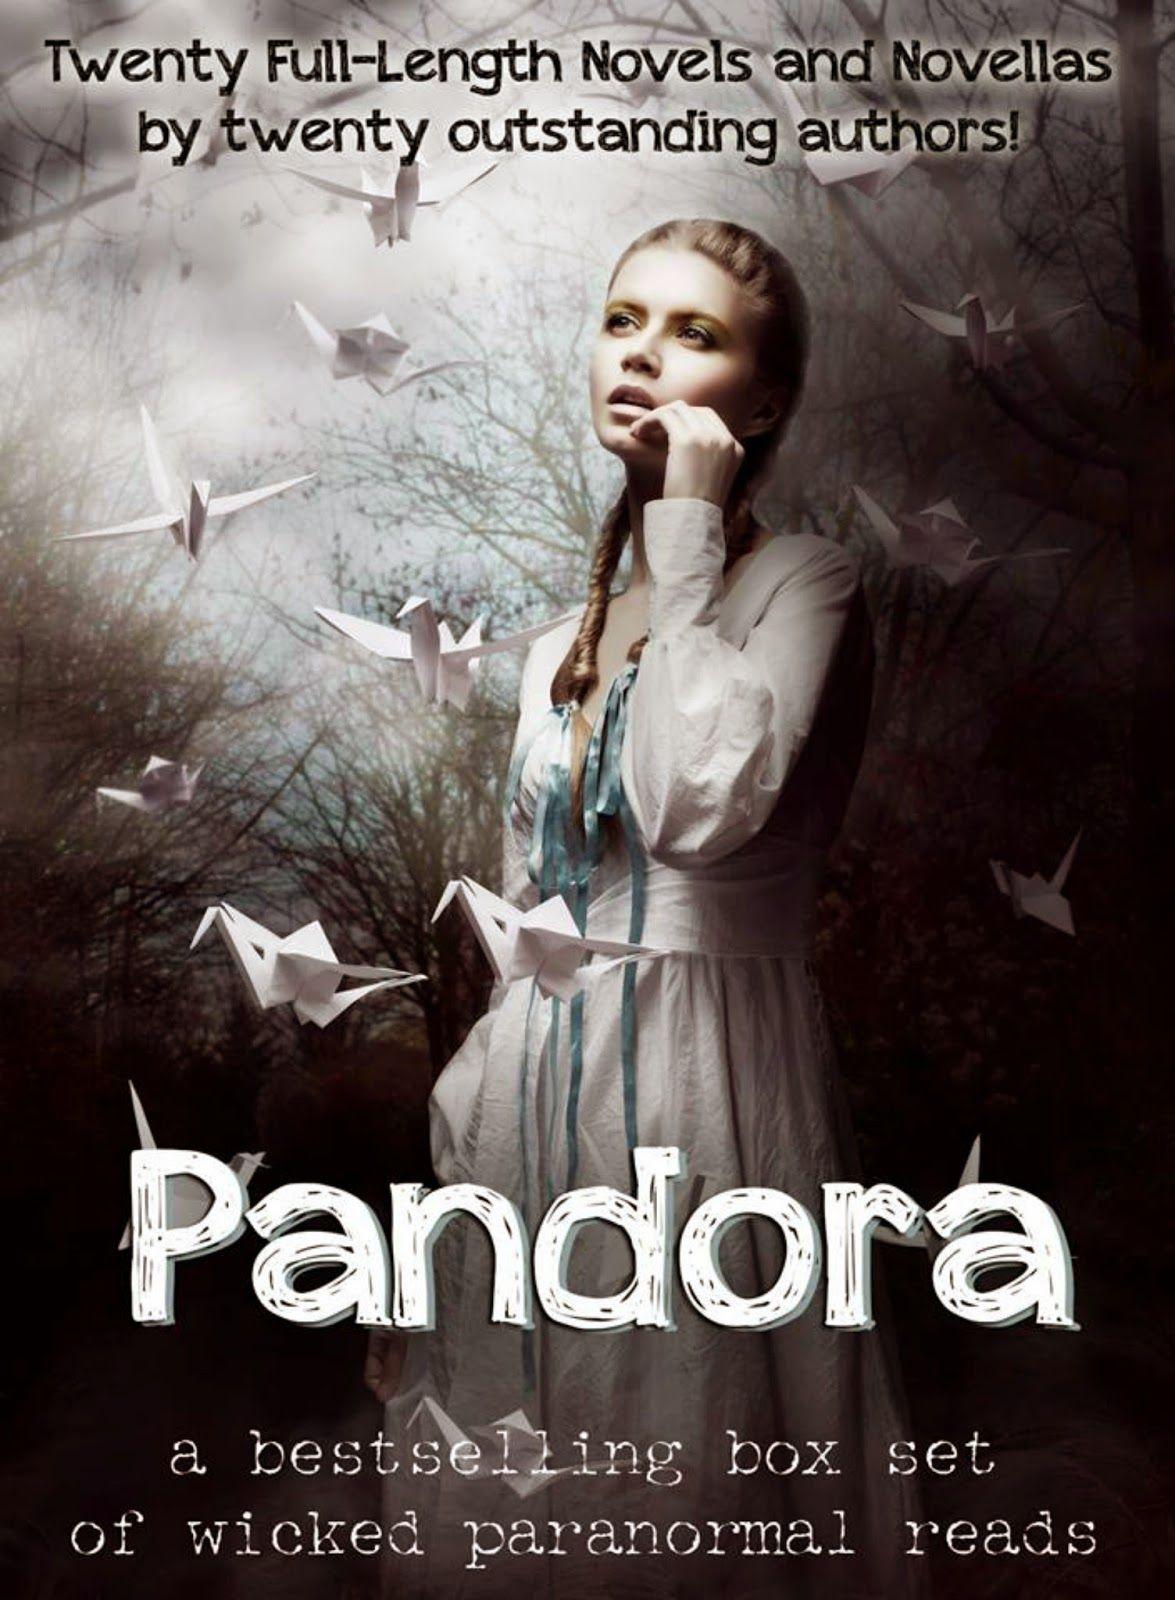 paranormal novels